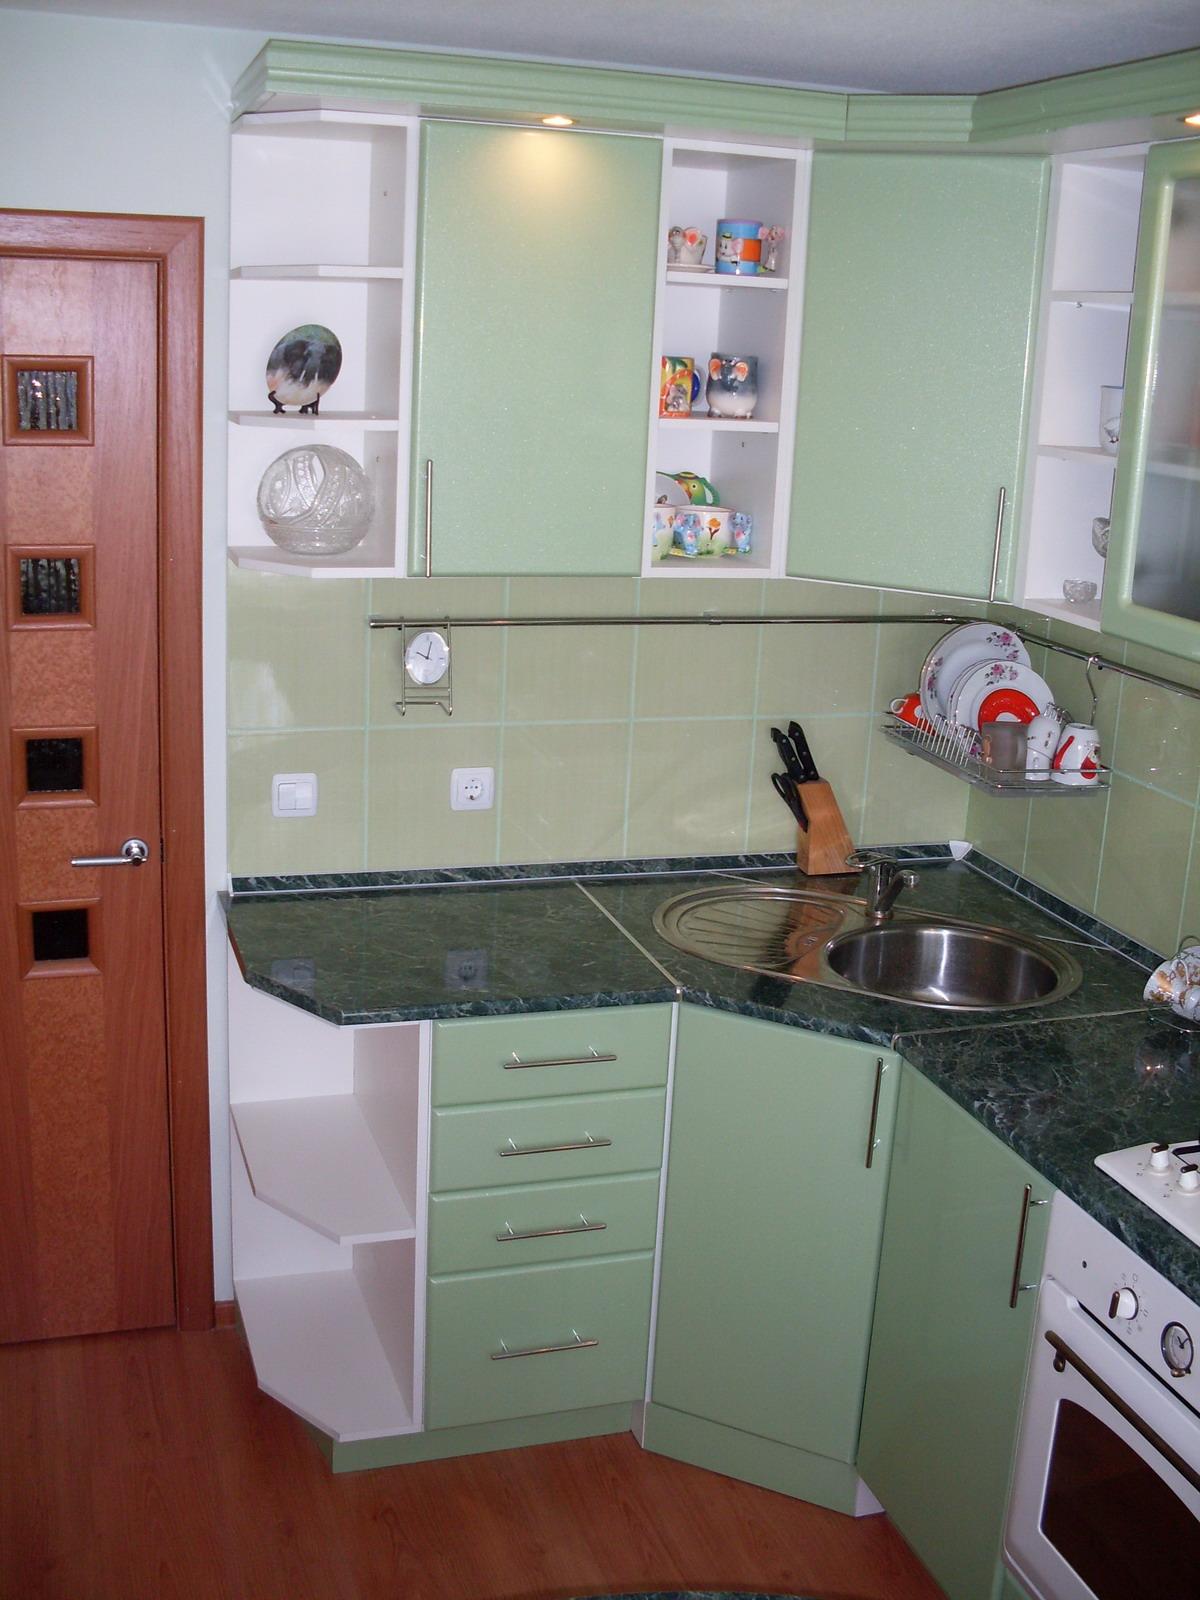 Кухня 5 кв.м дизайн с холодильником и стиральной машиной фото